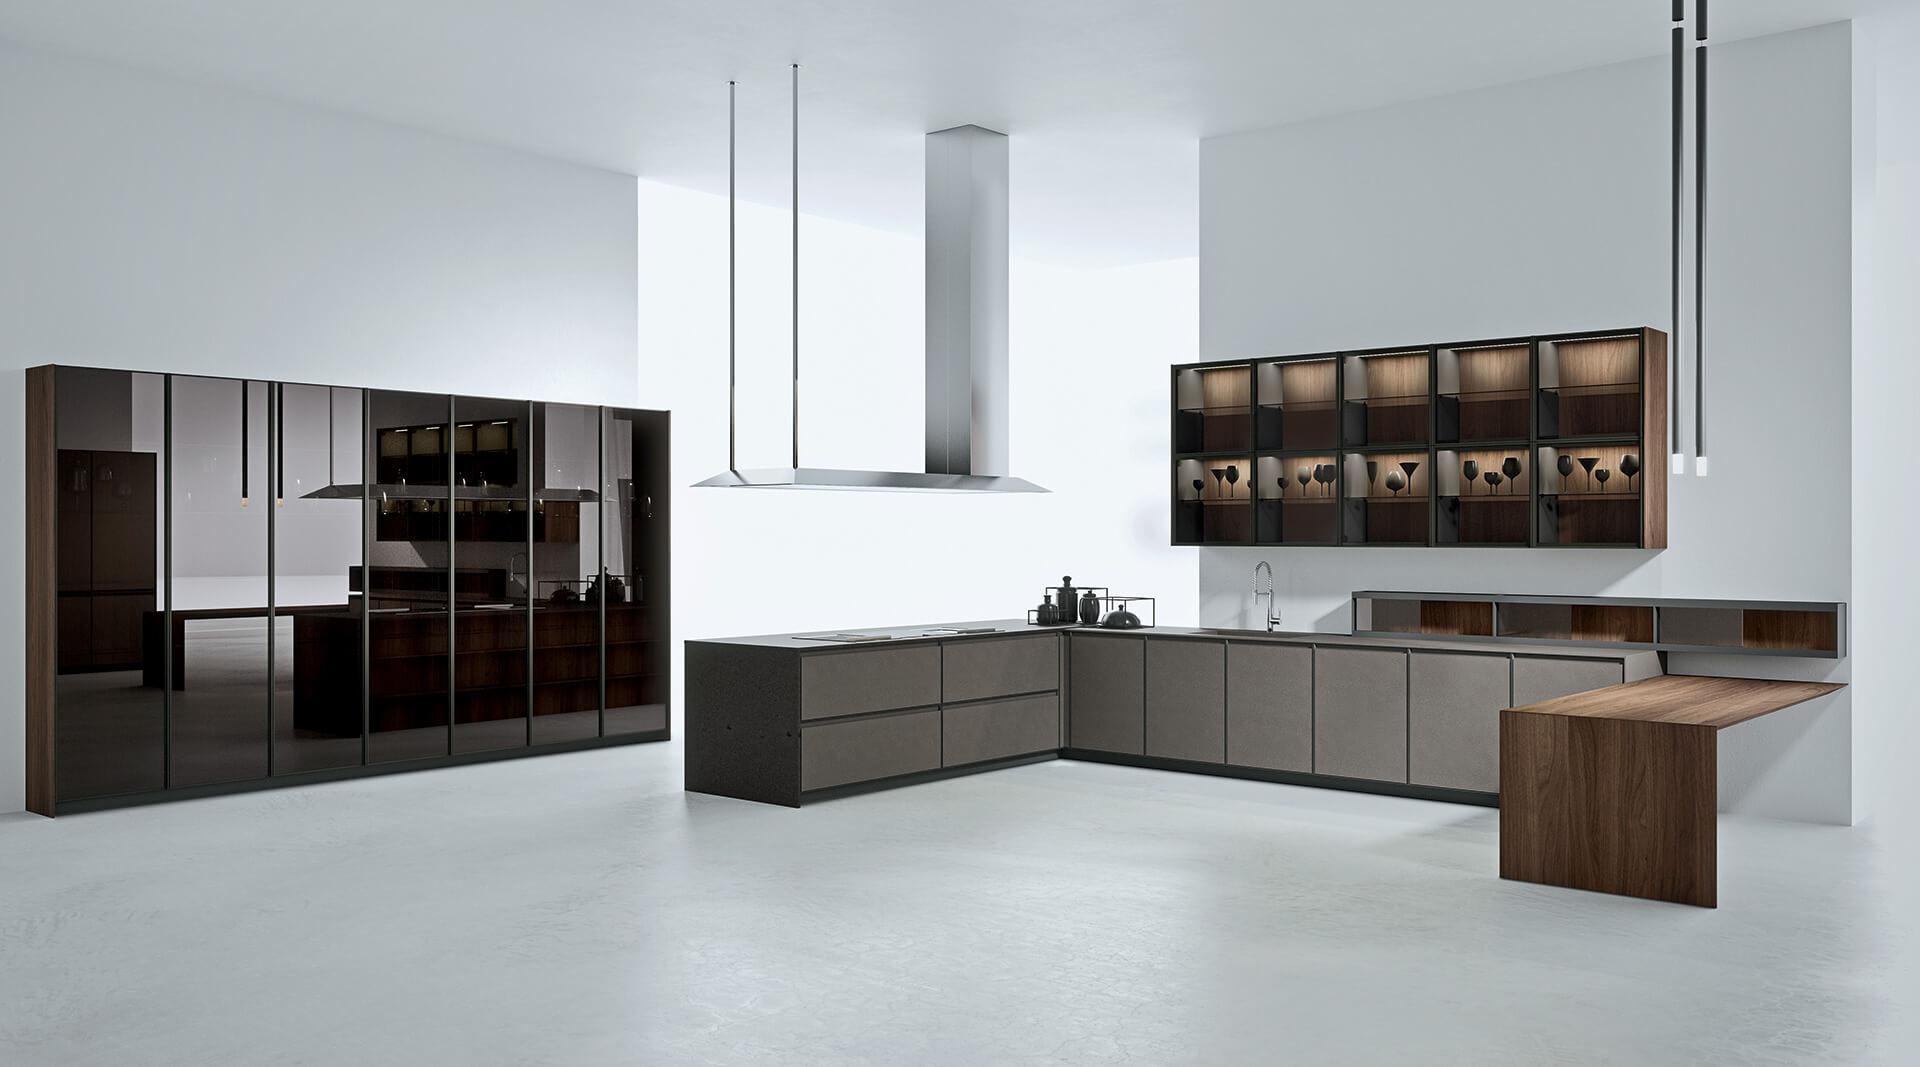 Opinioni Su Arrital Cucine akb_08 cucine moderne design italiano arrital